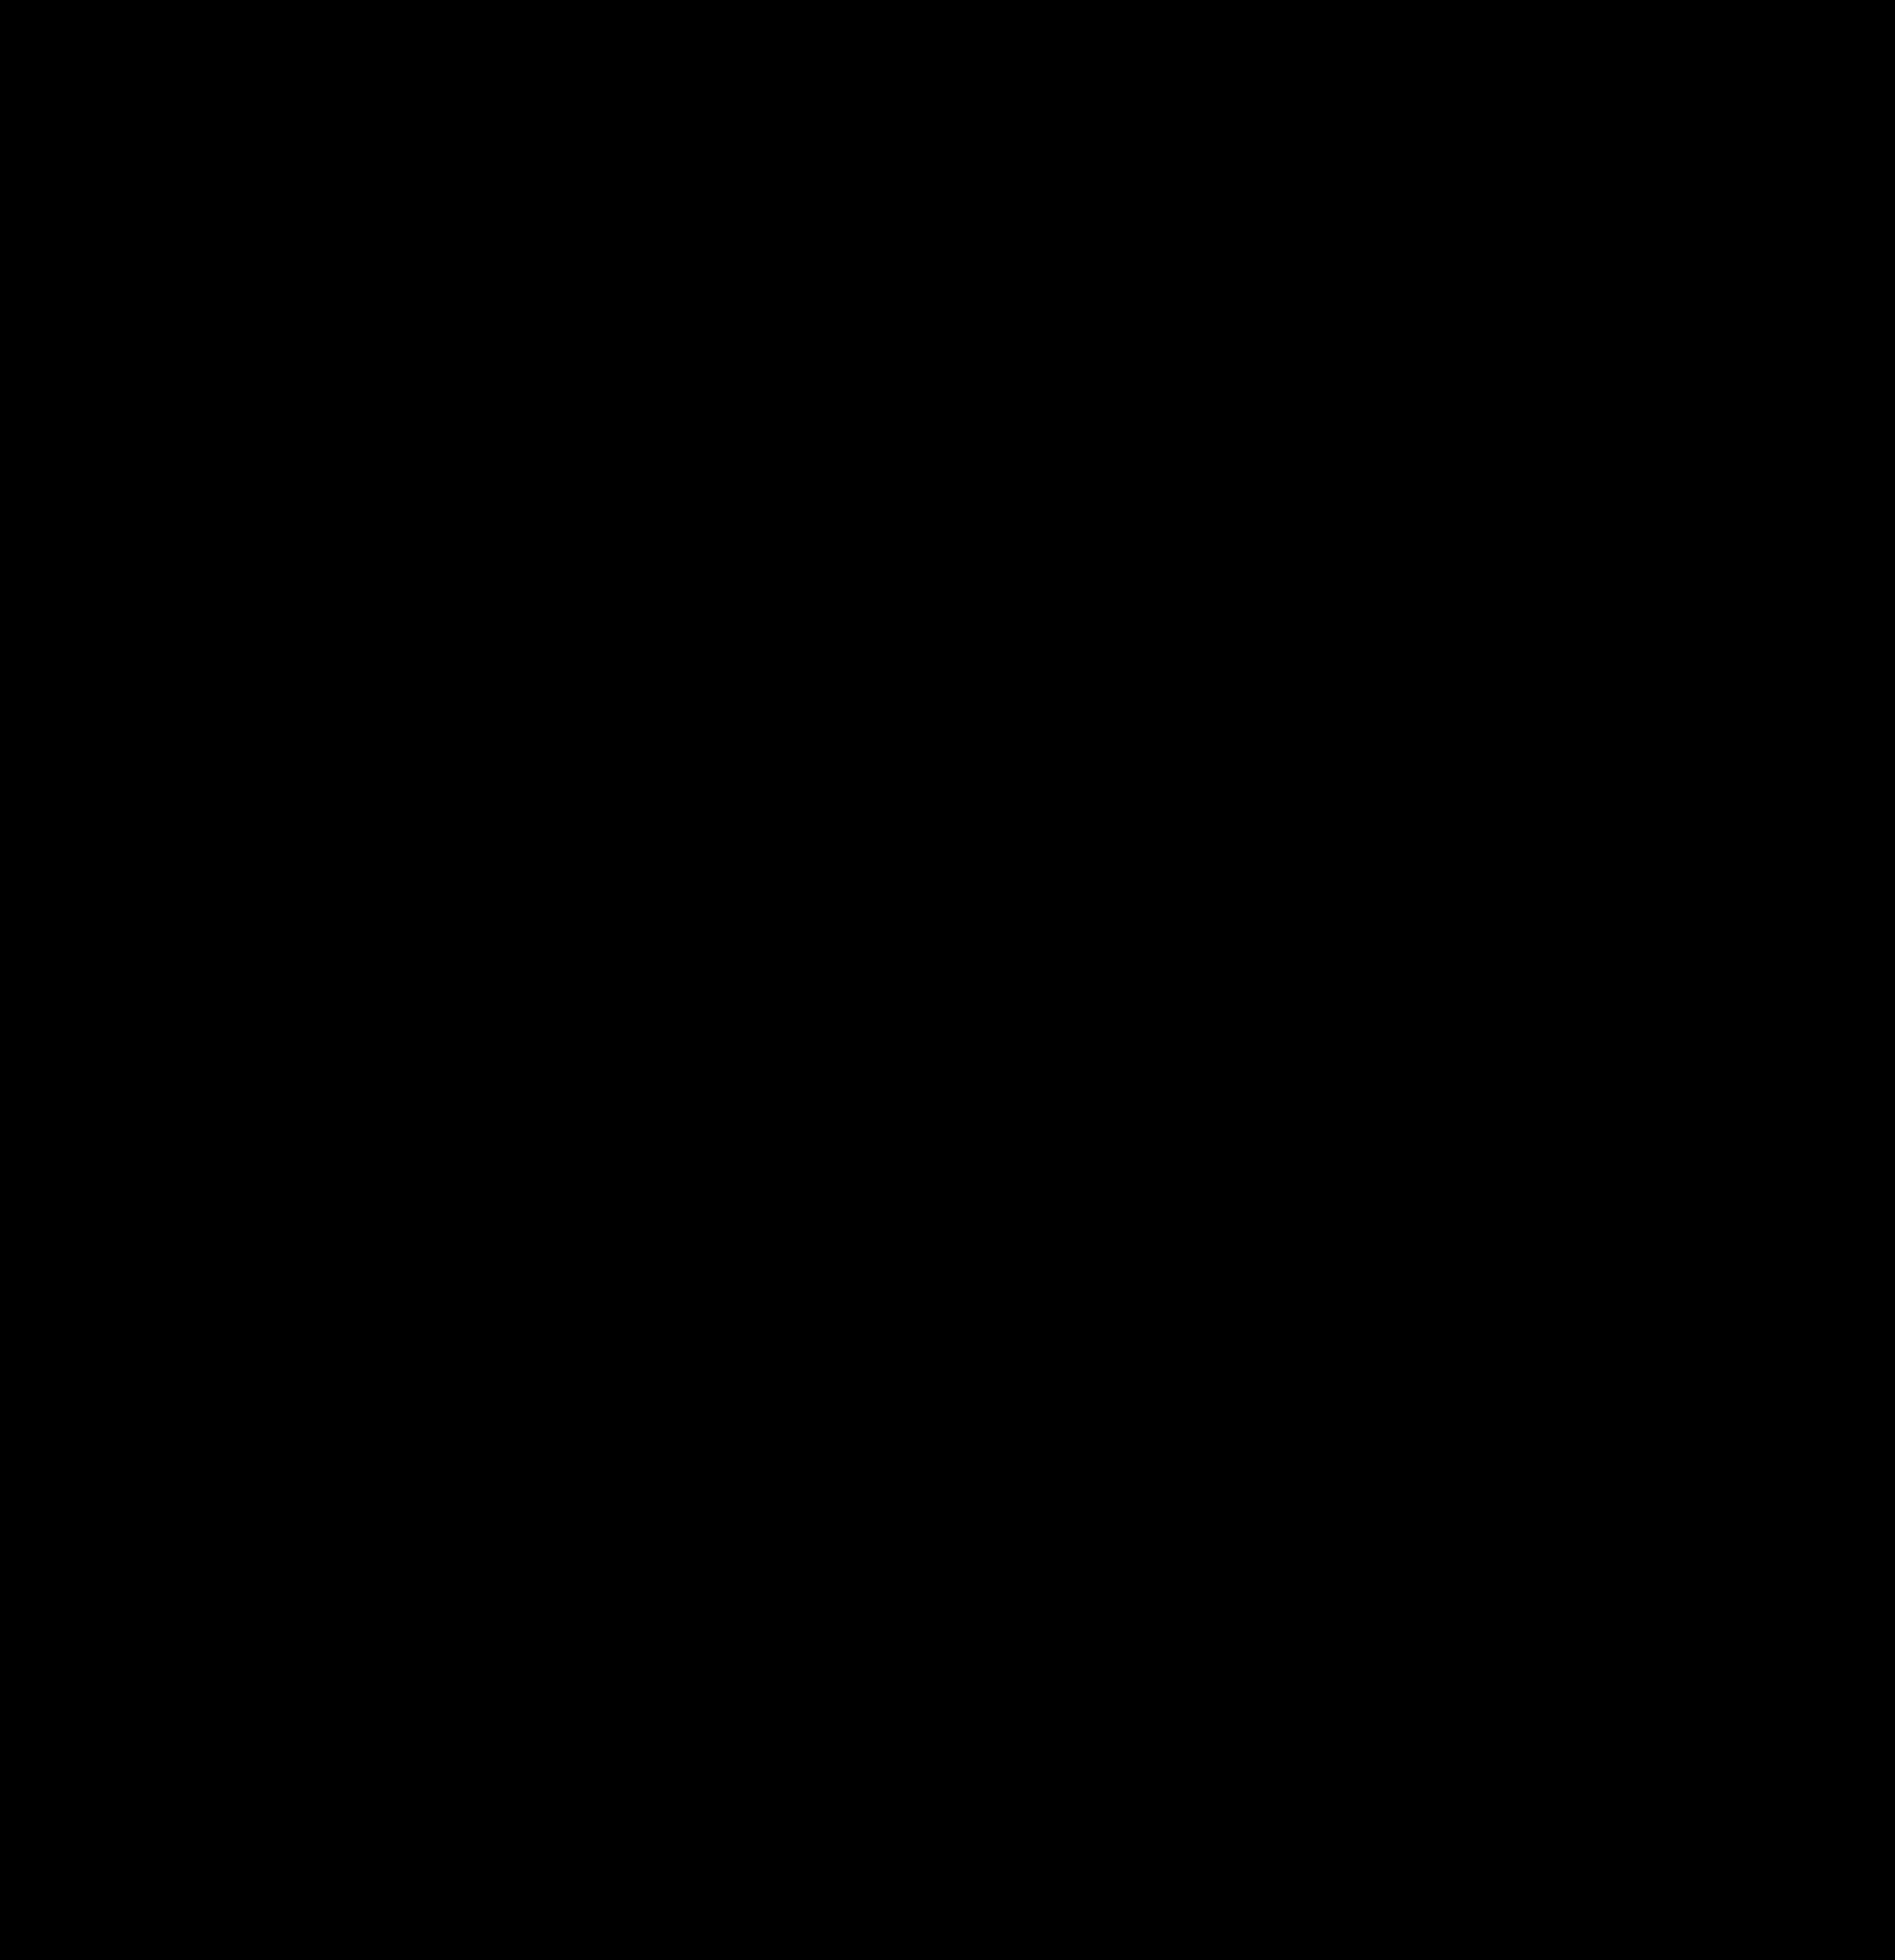 subway-logo-black.png